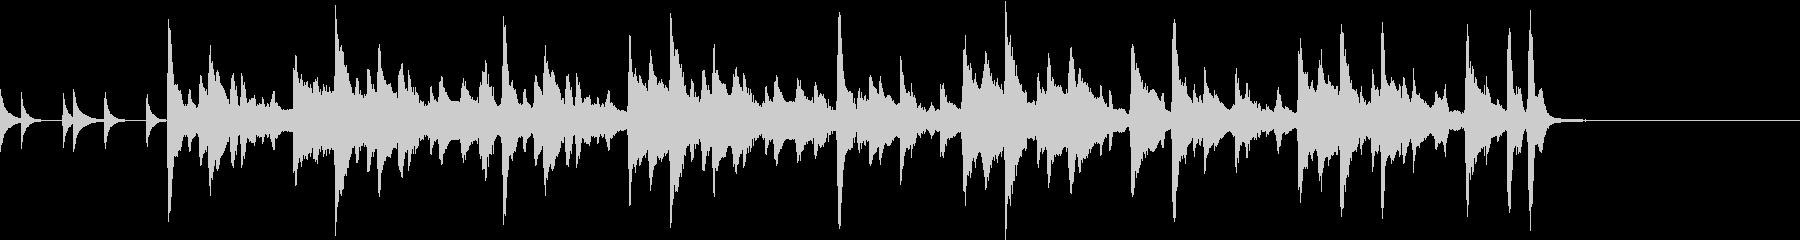 マリンバ ウクレレ 打楽器 ジングル1の未再生の波形